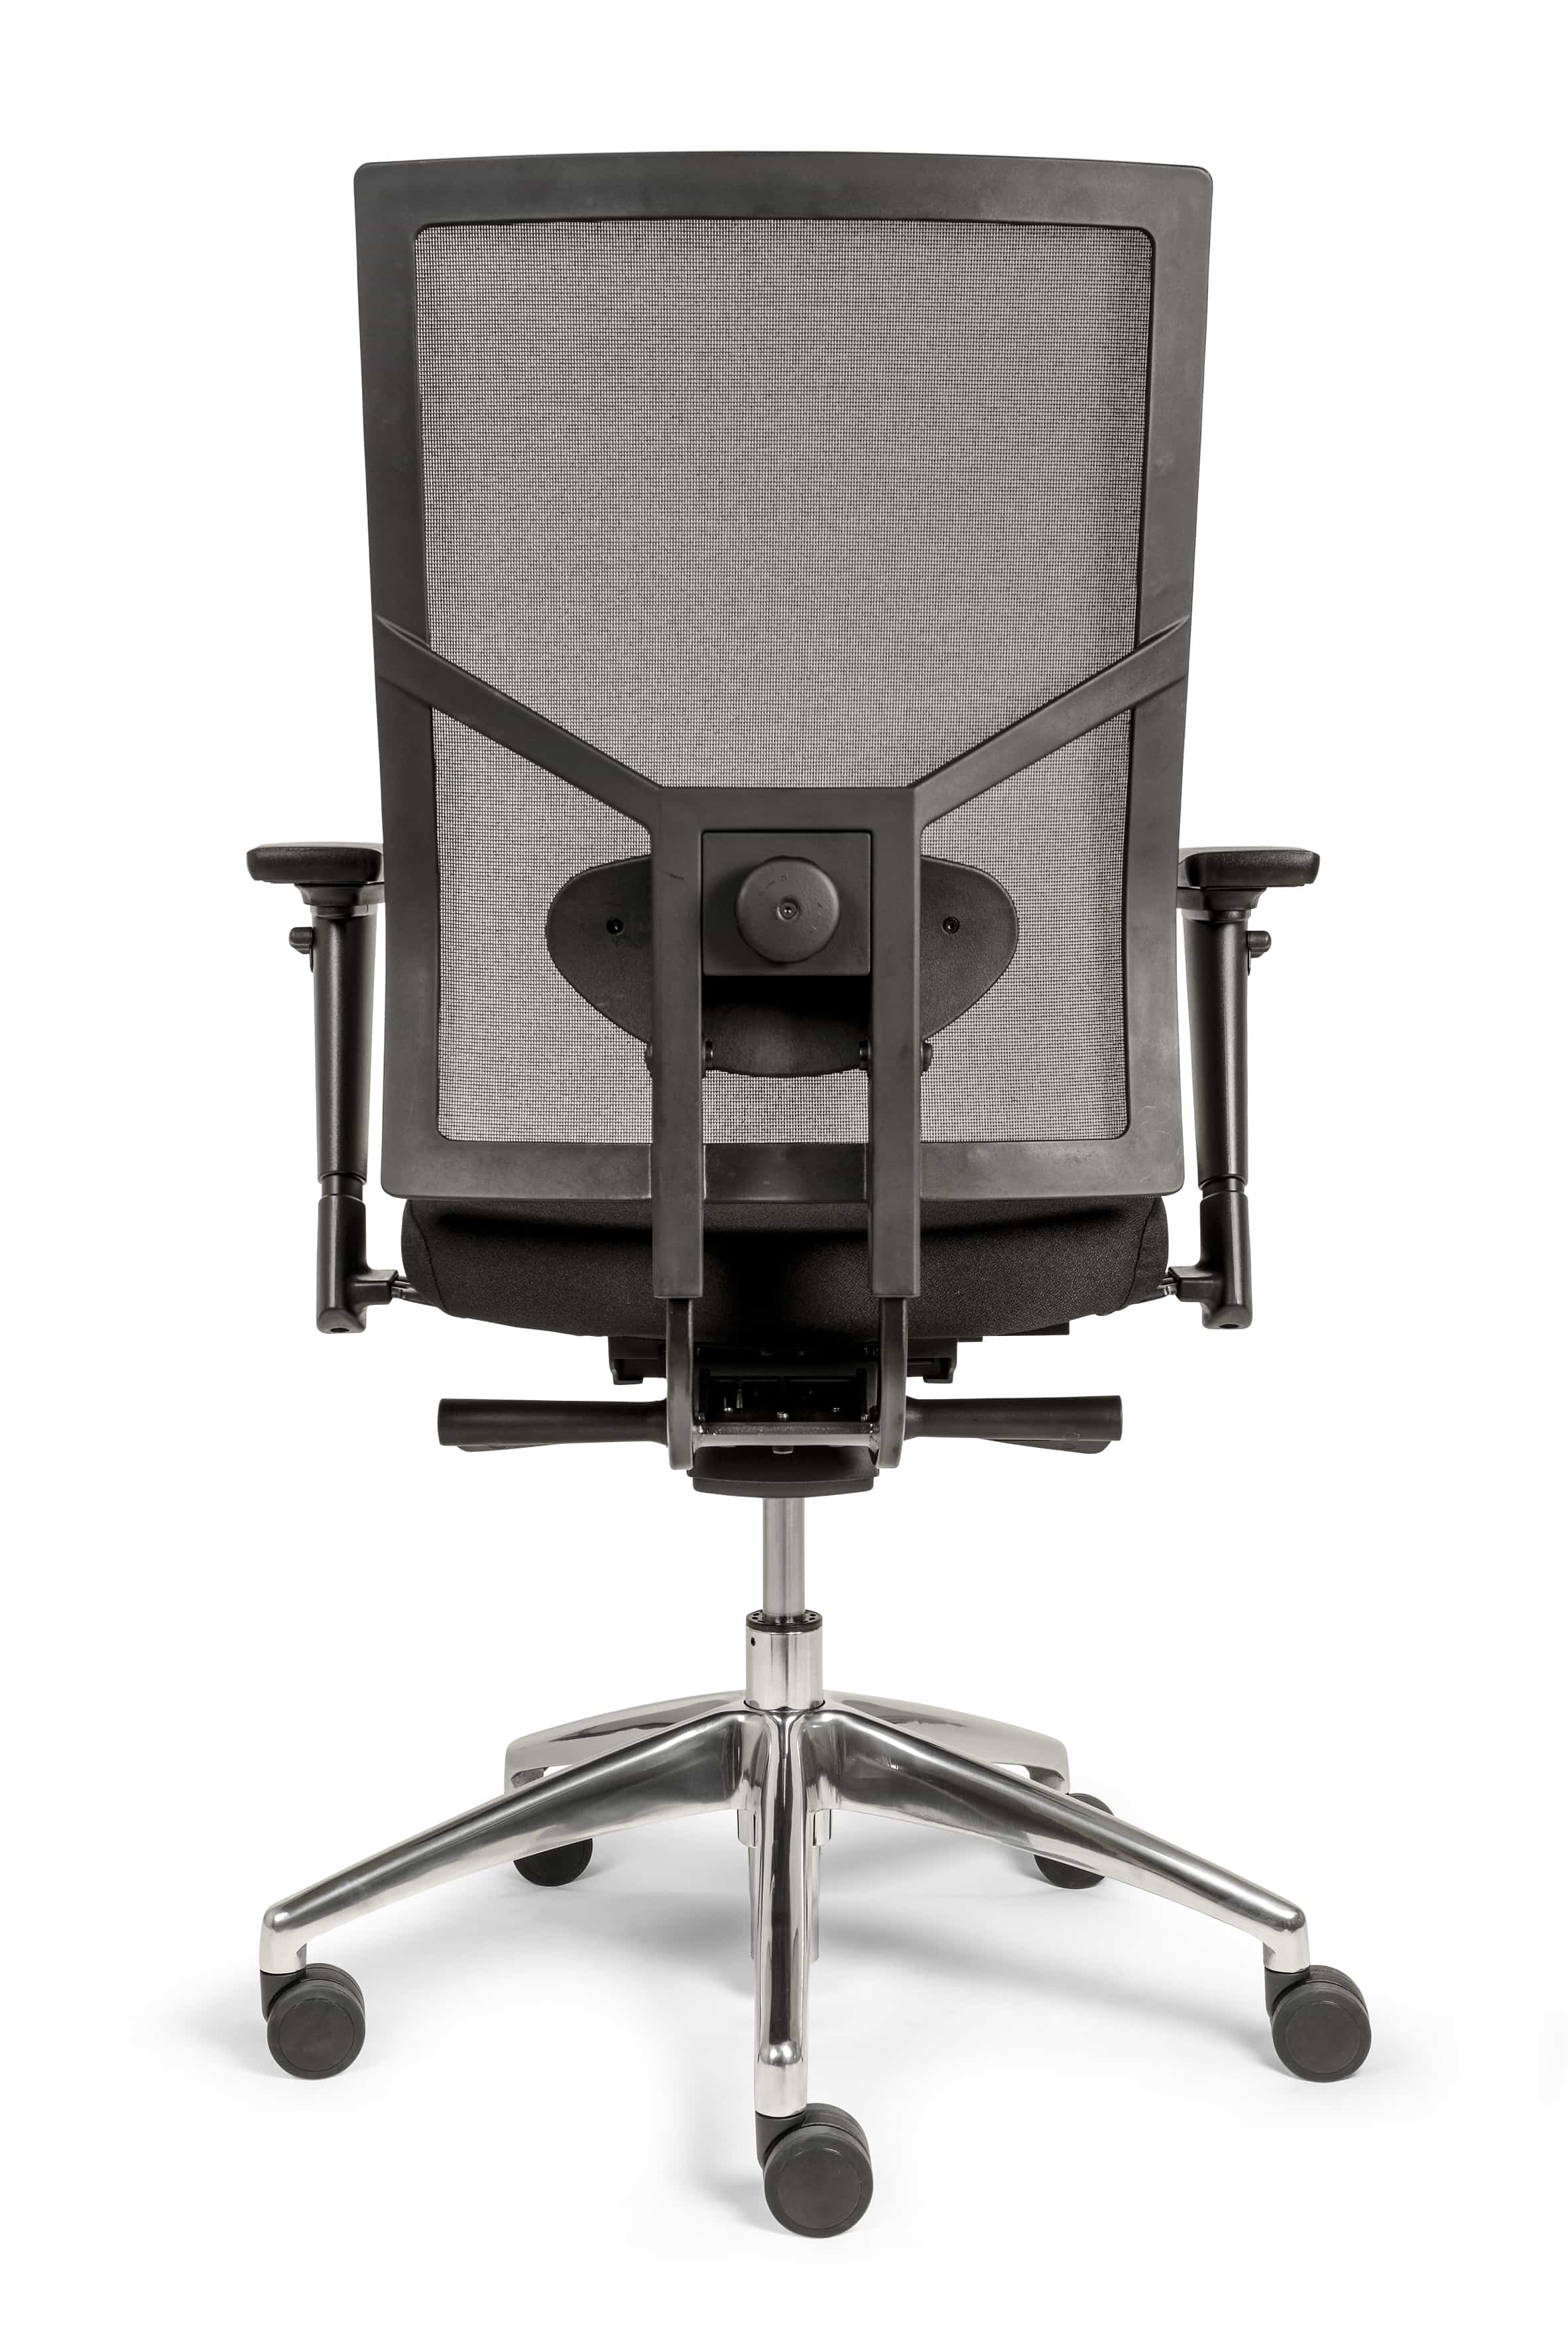 Bureaustoel Met Lendesteun.Ergonomische Bureaustoel Bm35 Edition Speciale Aanbieding